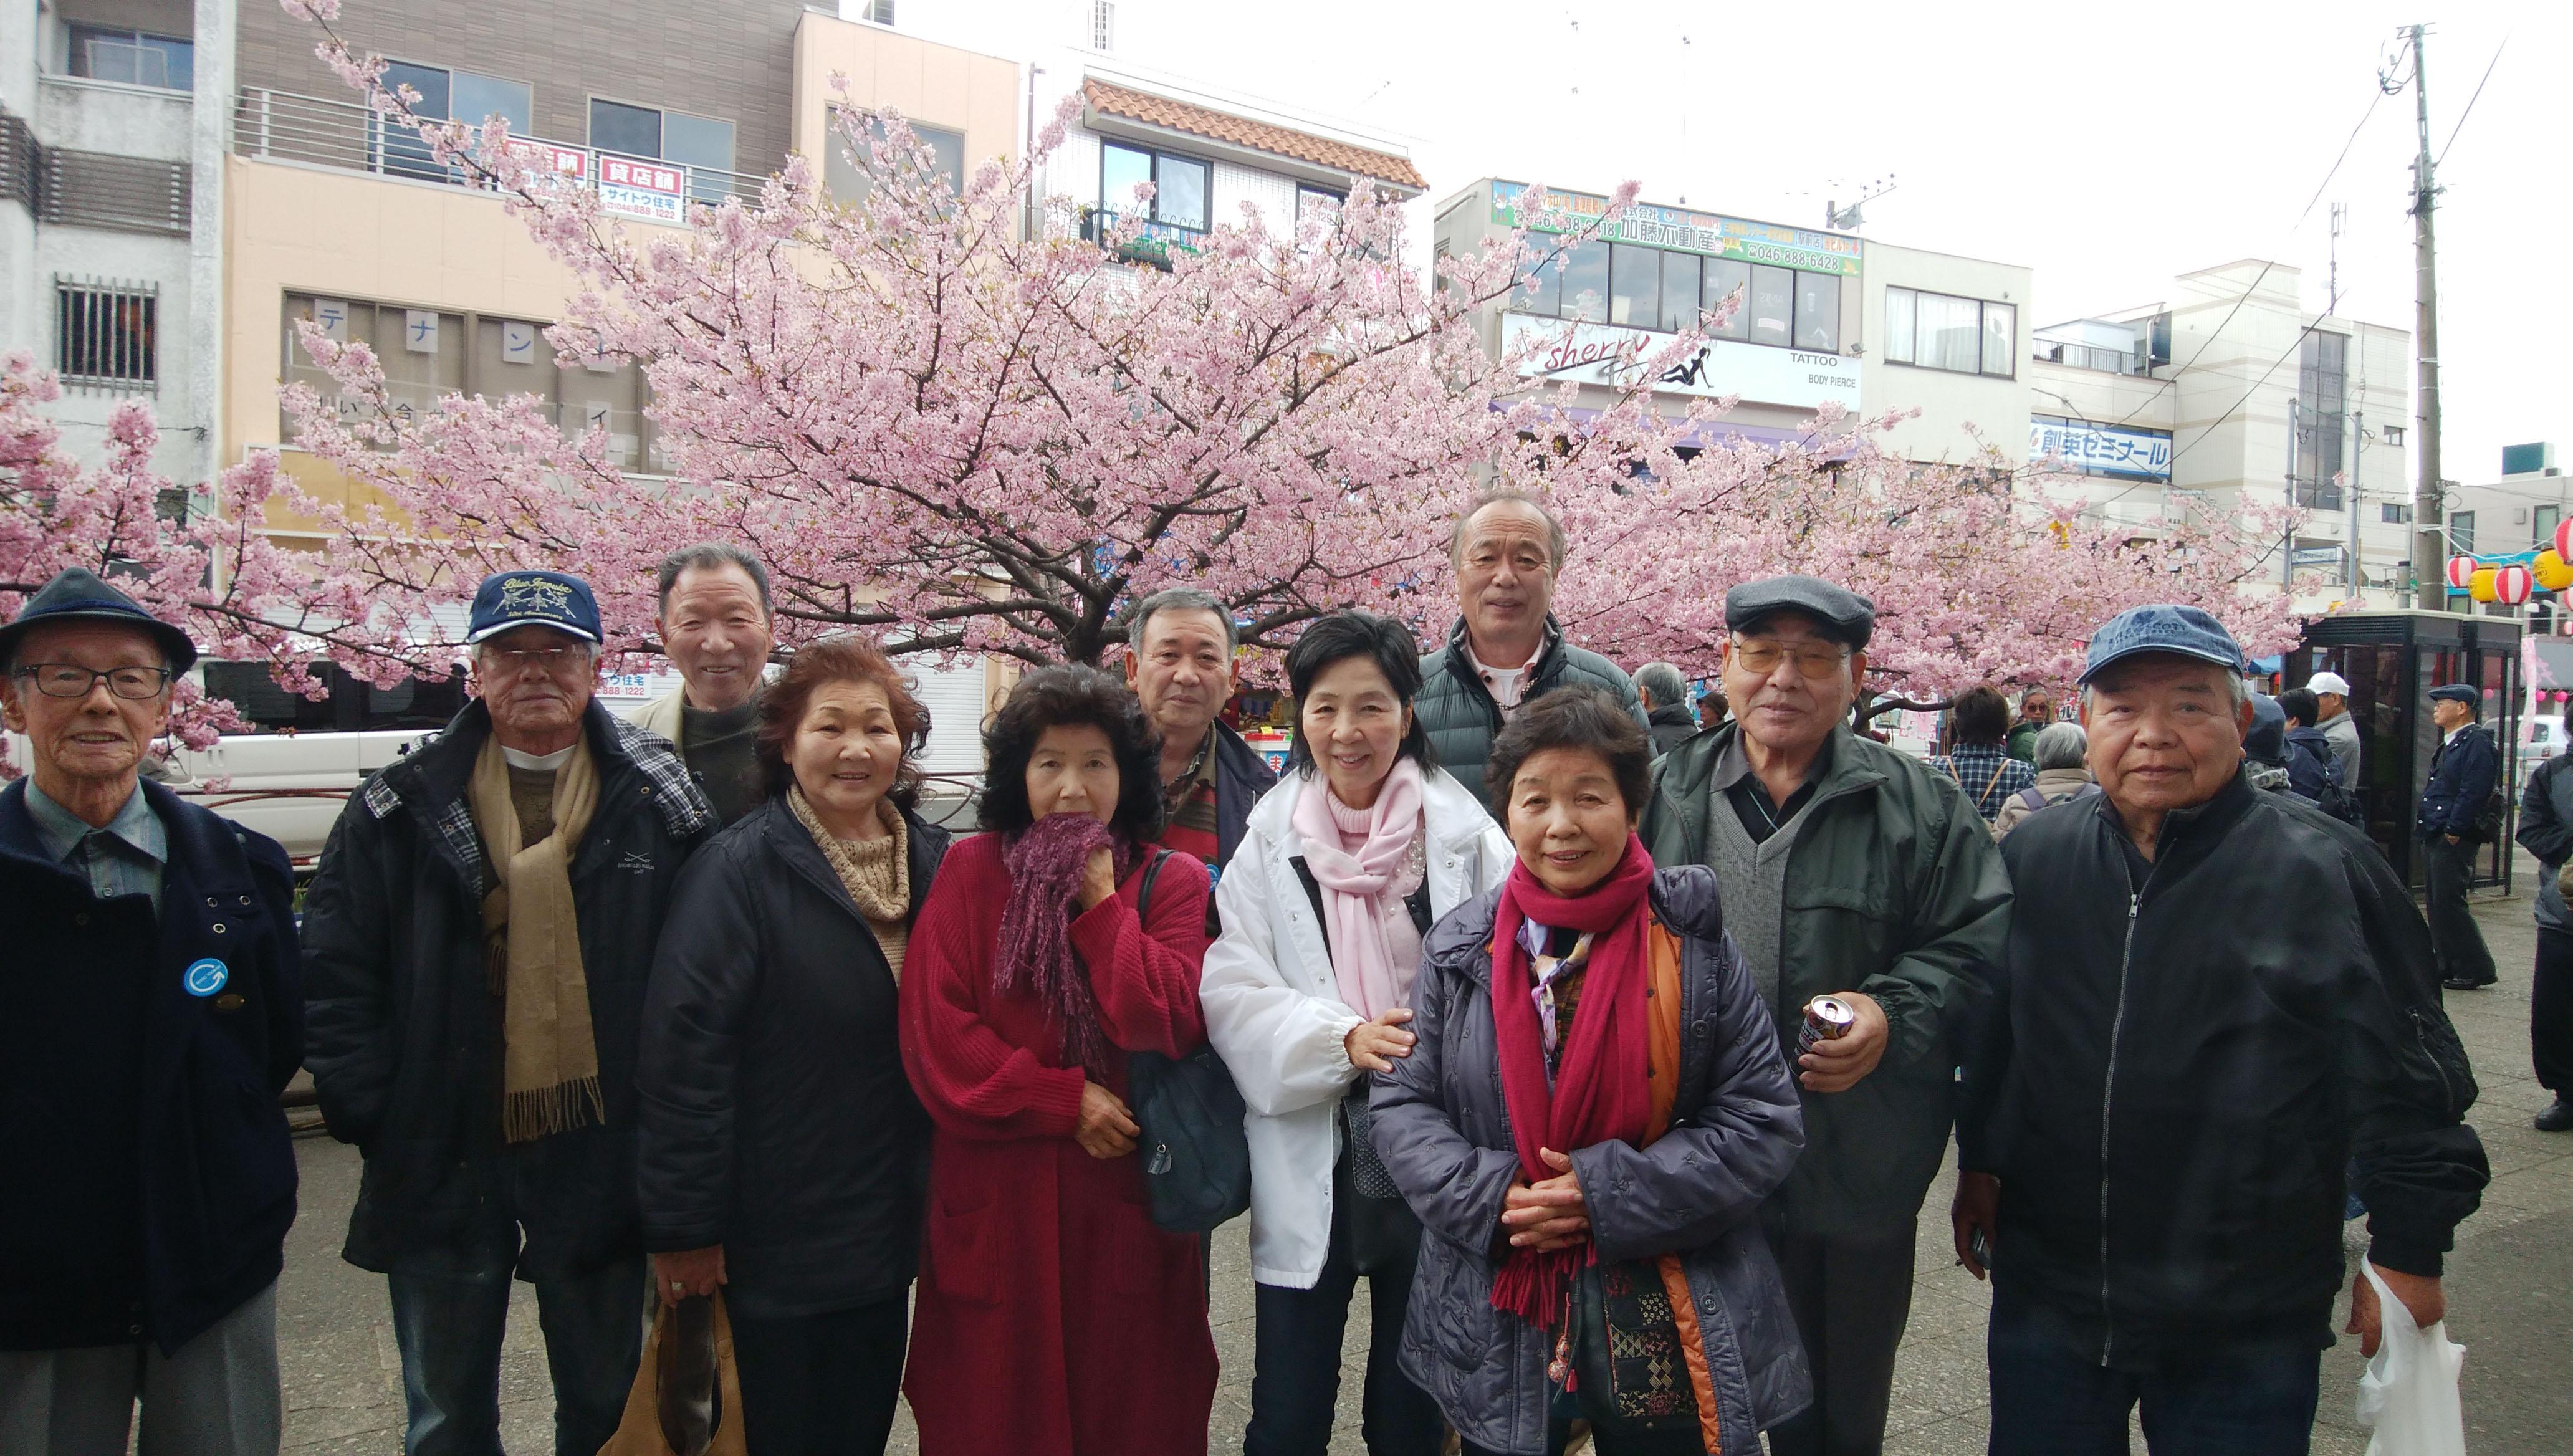 三浦海岸桜まつりと三浦半島を巡るツアー催行!